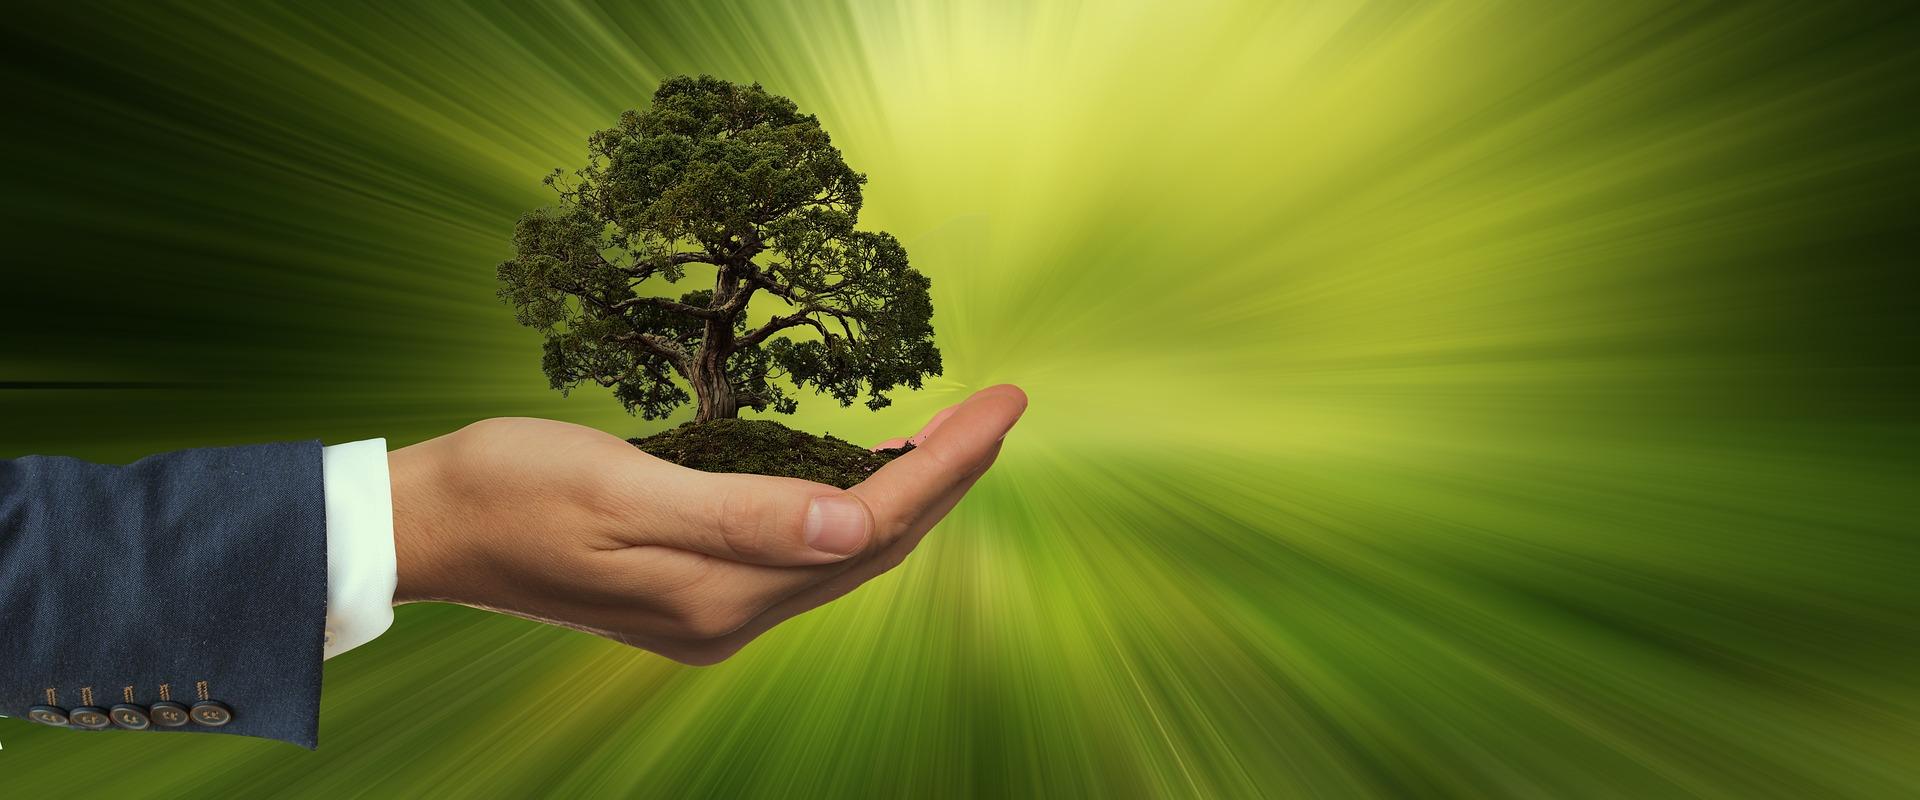 une main écologique